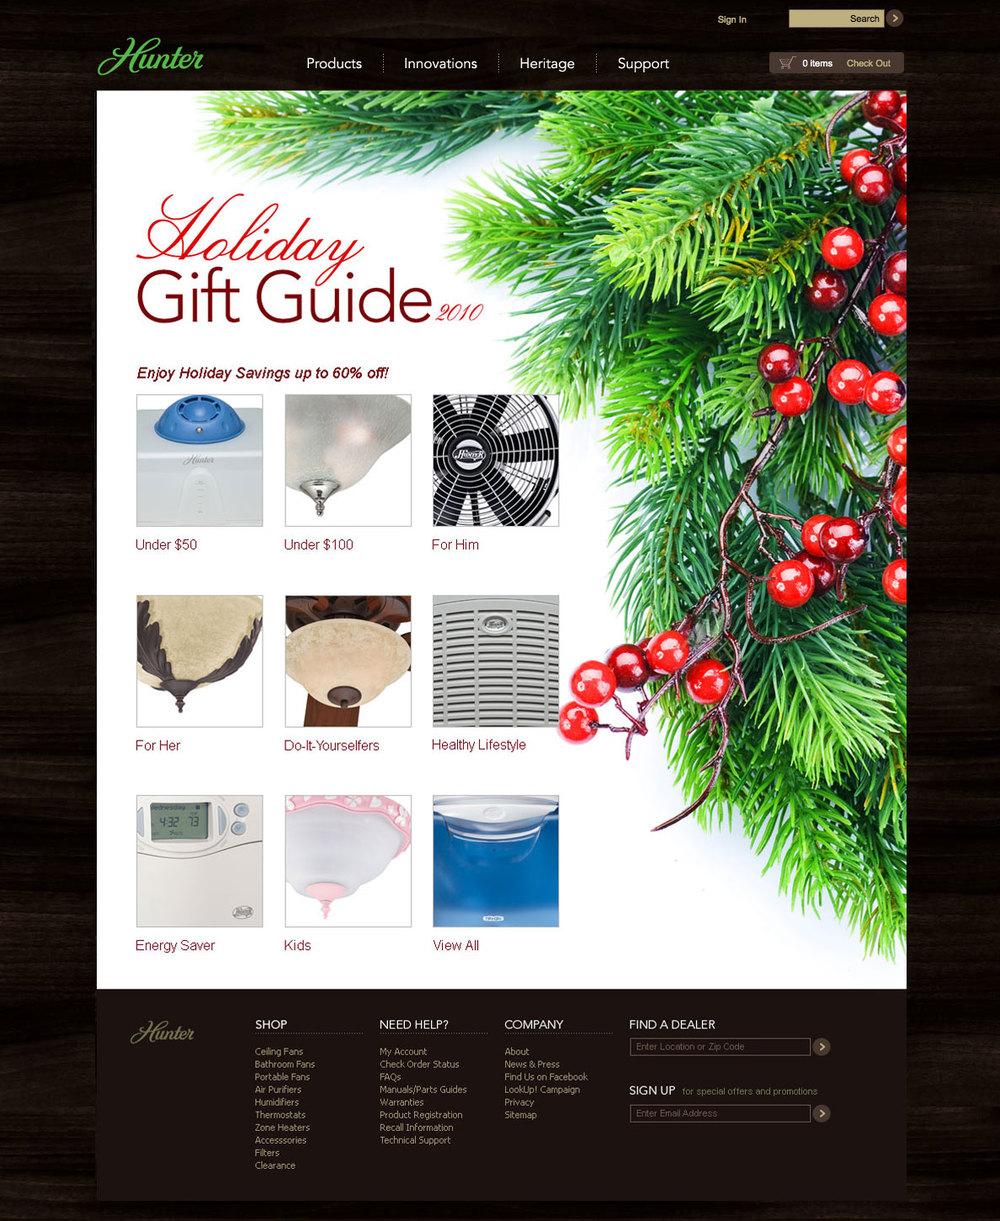 HolidayLandingPage.jpg